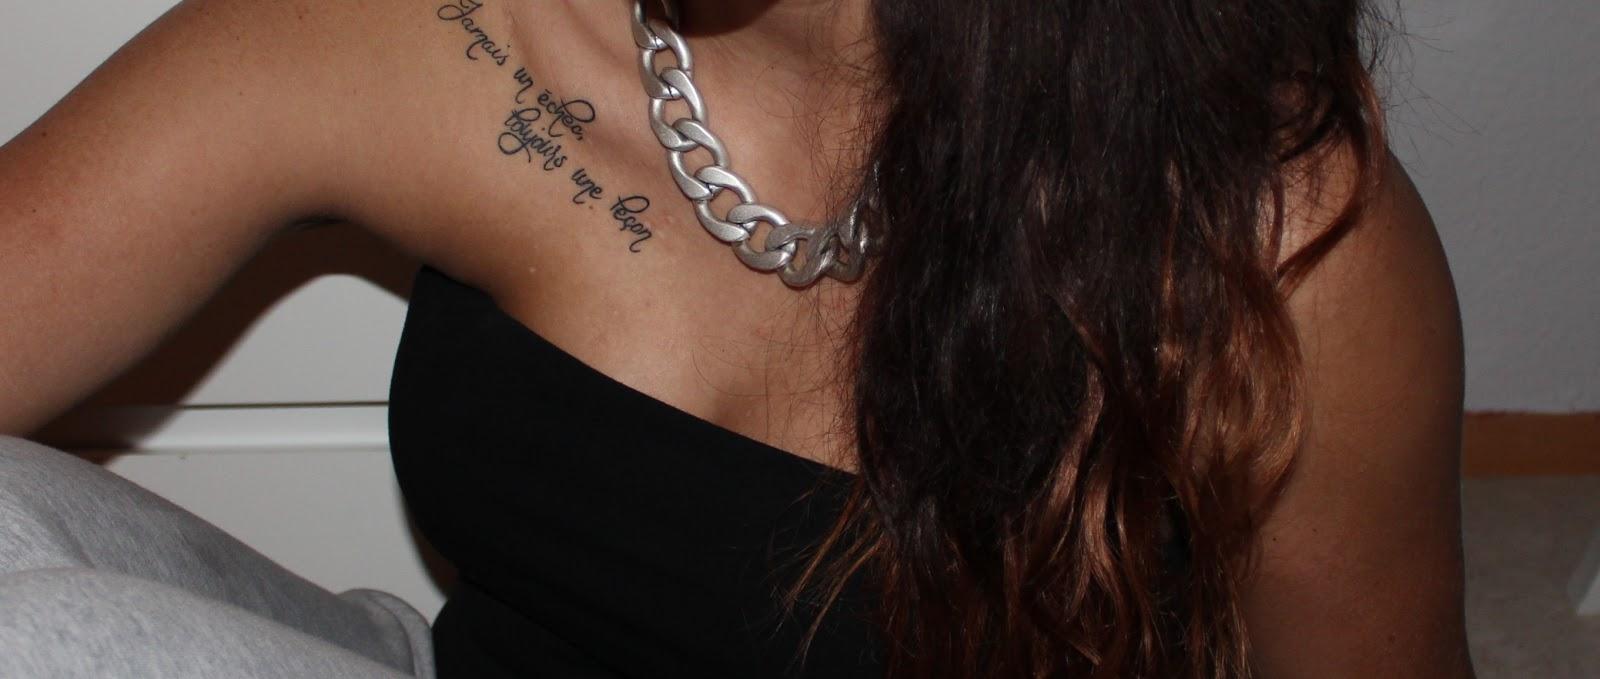 Jessie Bloggt: Tattoos & Solarium?